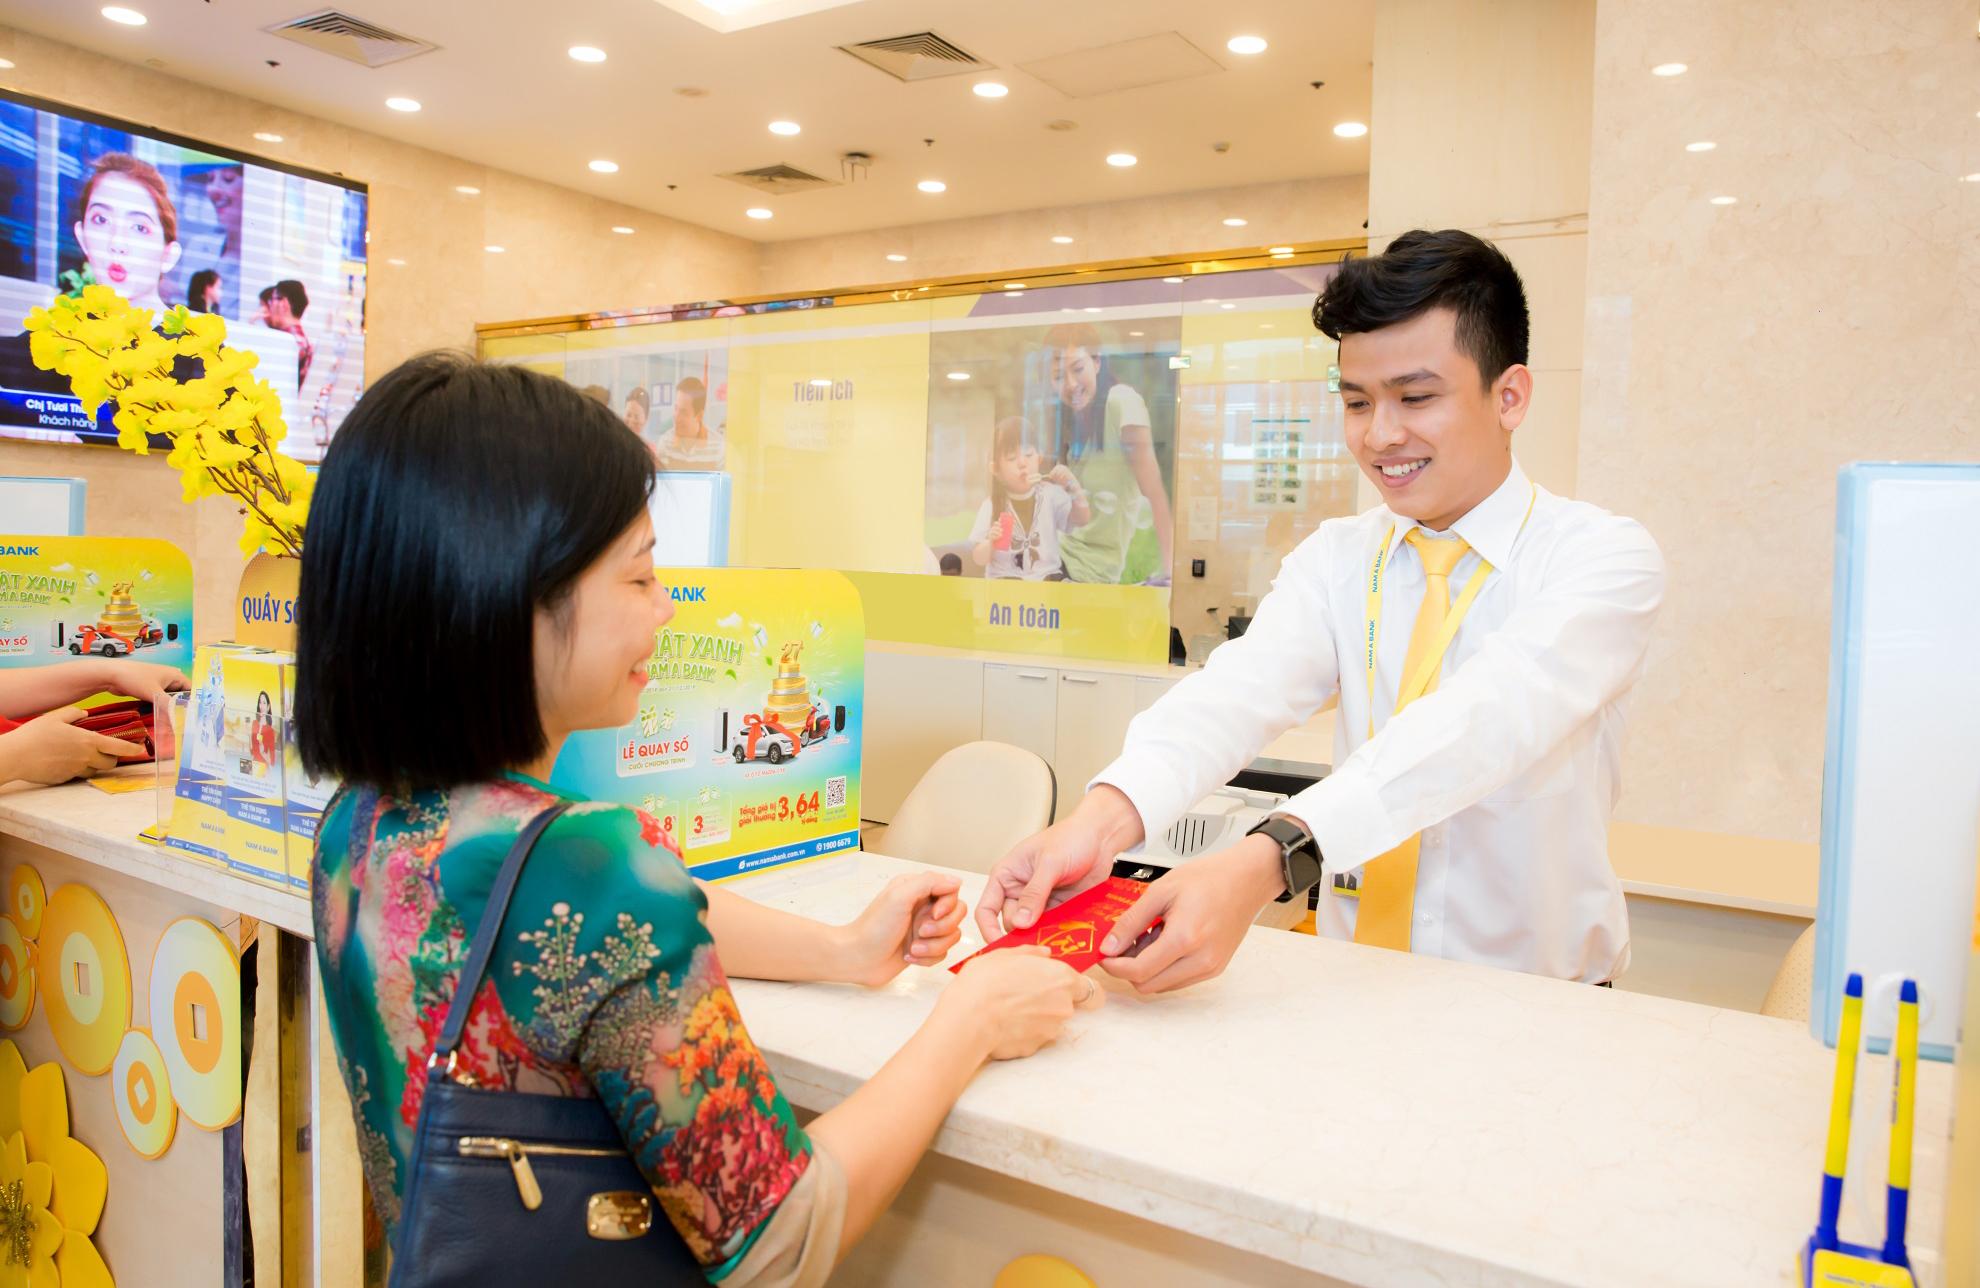 Khách hàng phấn khởi nhận lì xì tại Nam A Bank khi giao dịch đầu năm mới. Nguồn ảnh: Nam Á Bank